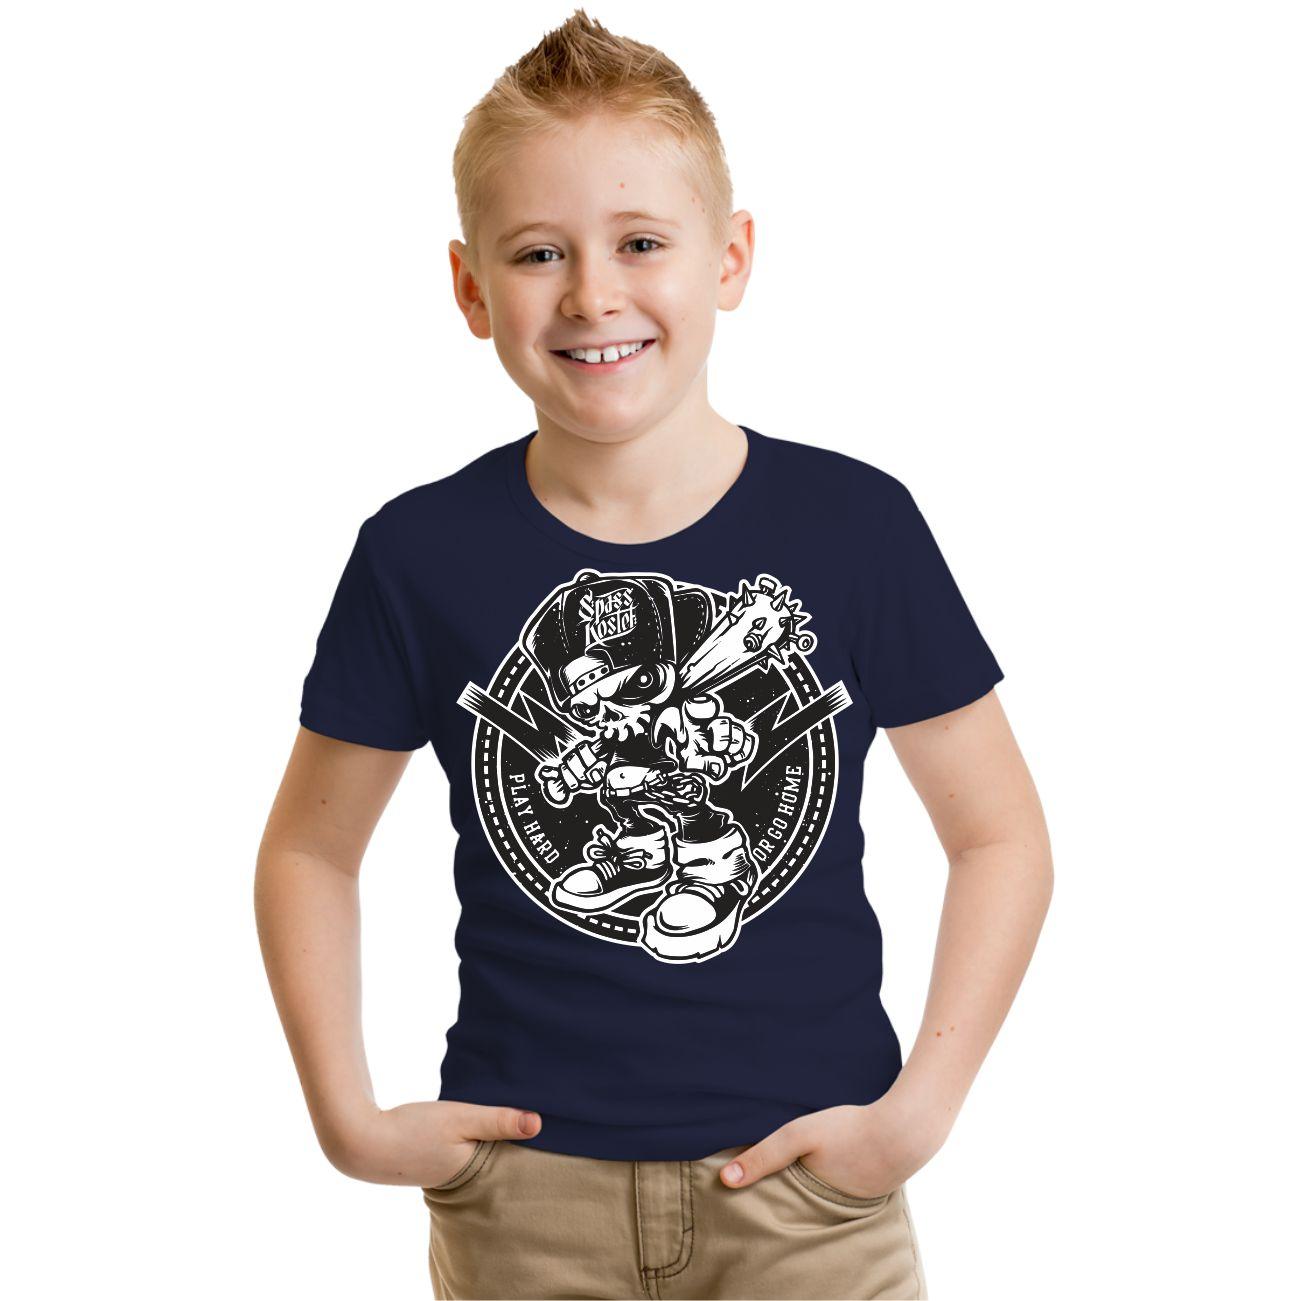 Witzige Tshirts